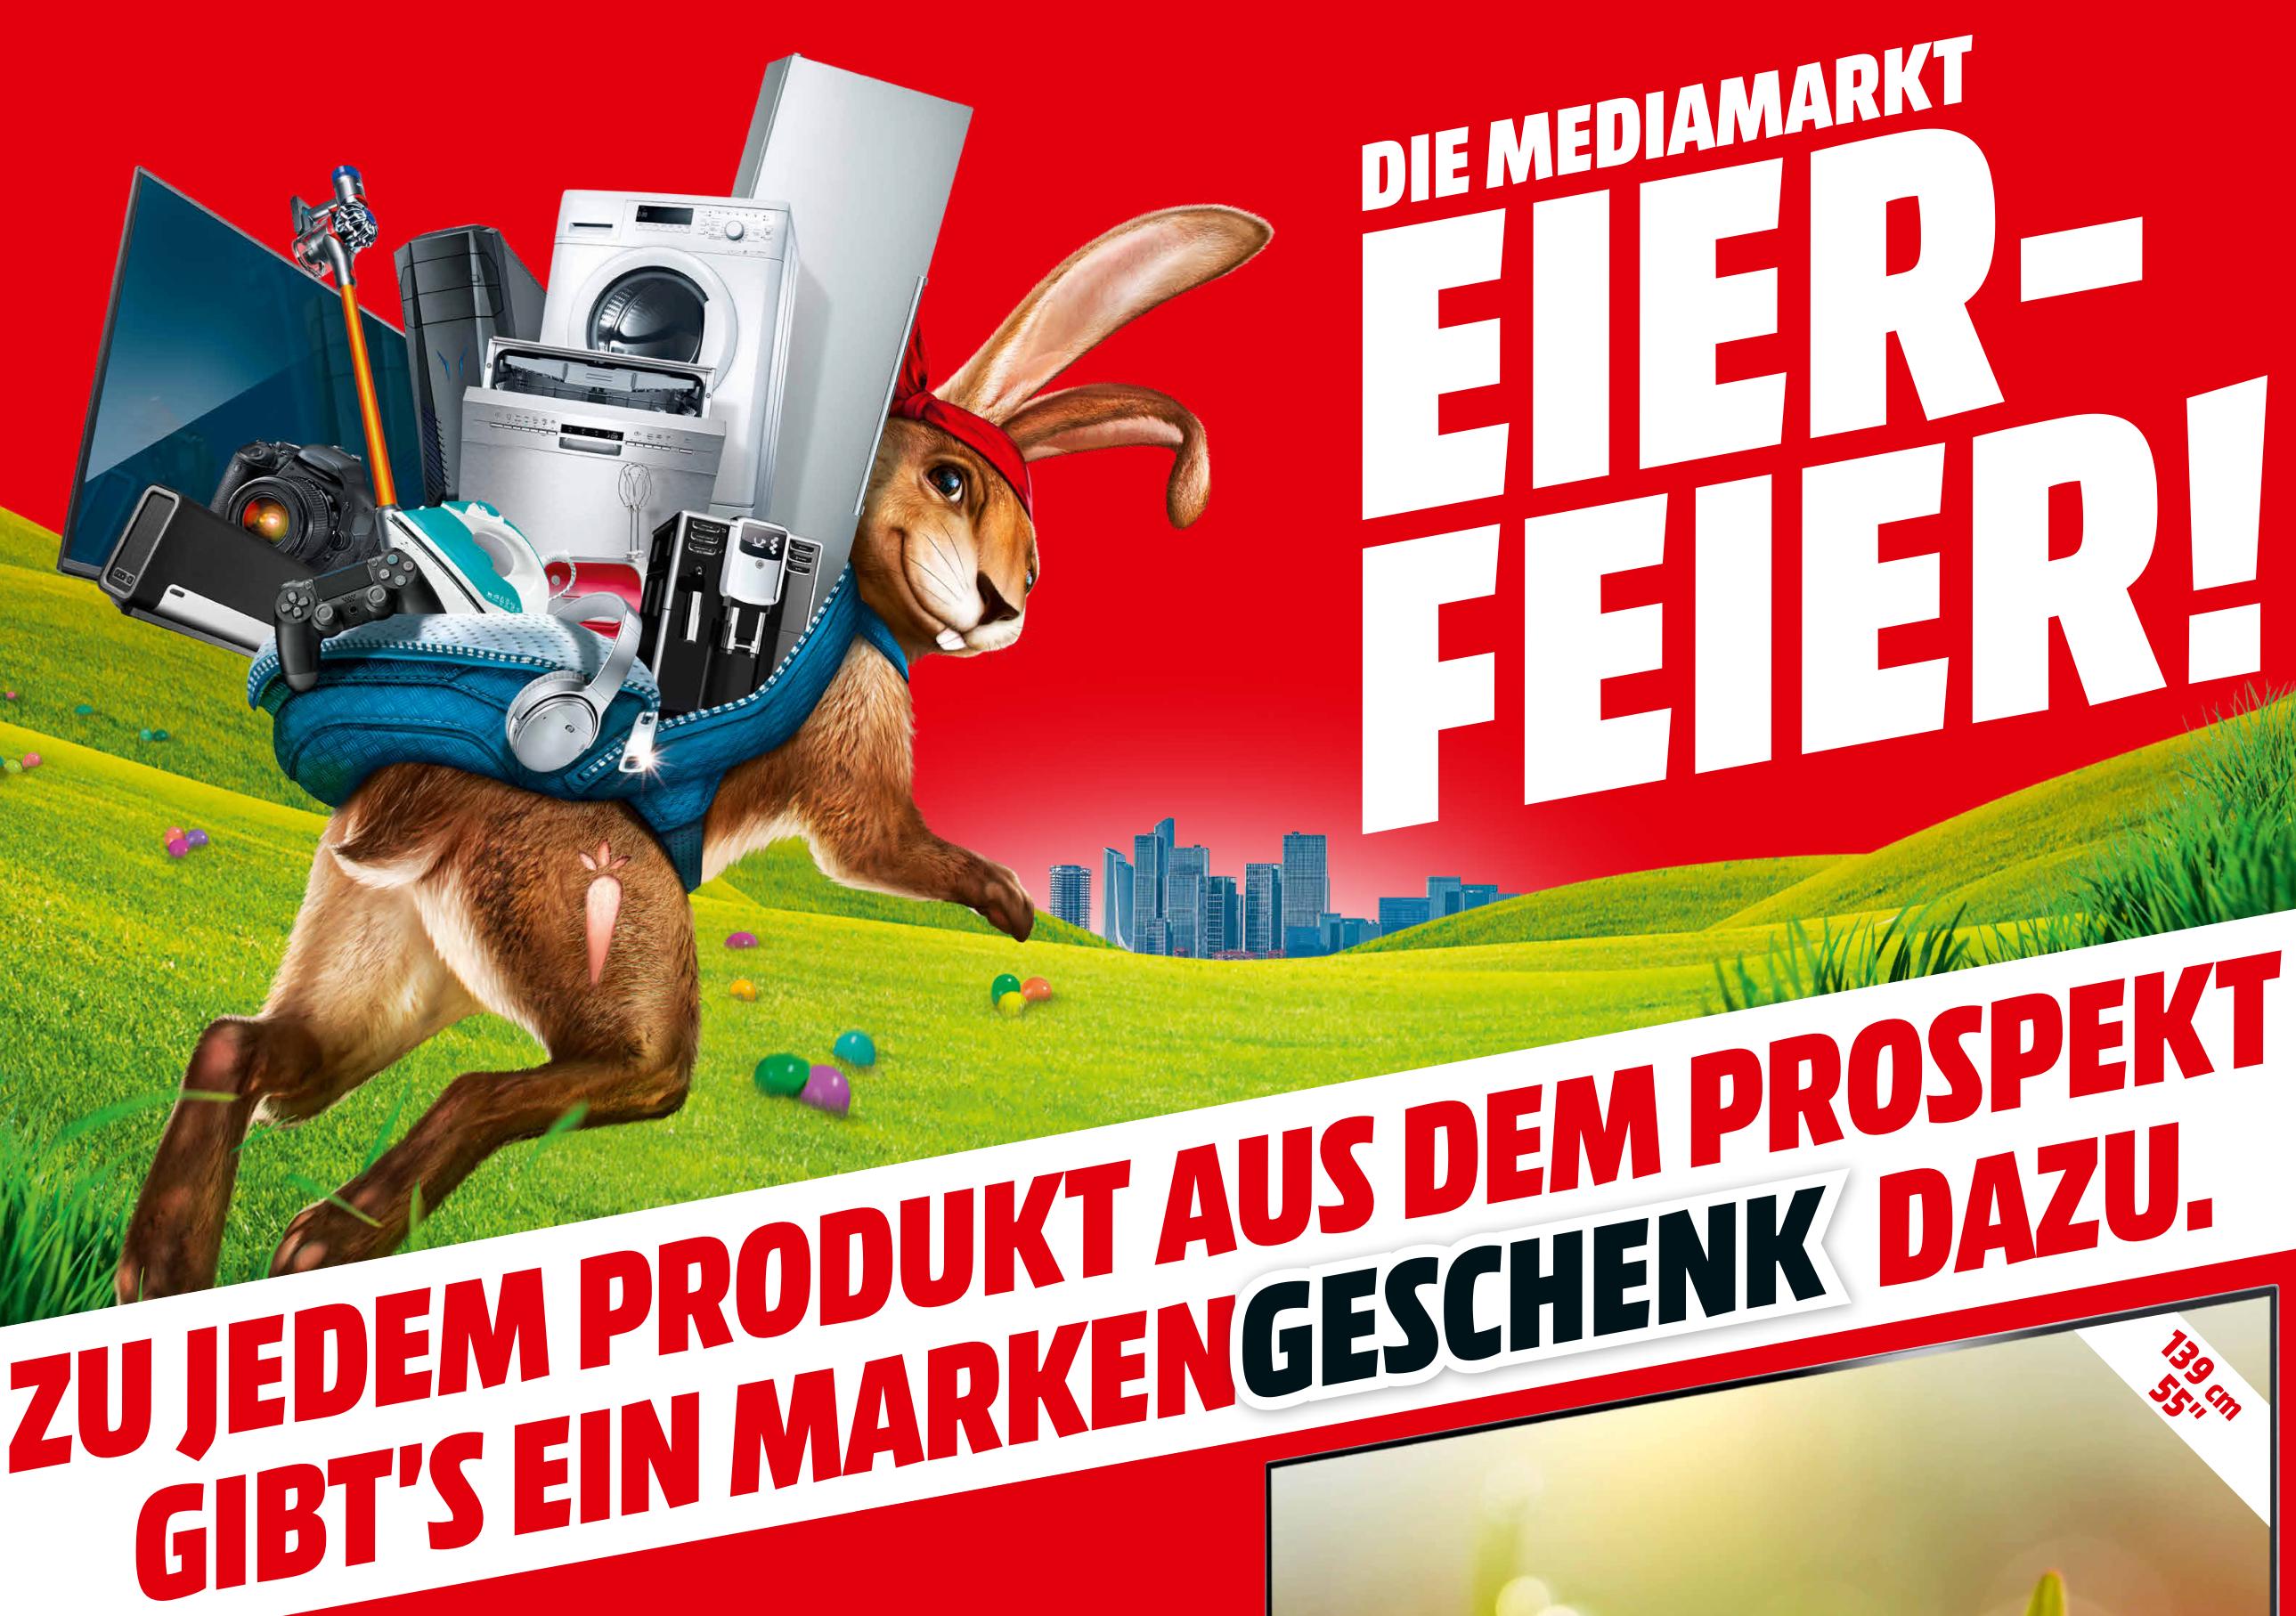 JETZT ONLINE! - Die große MediaMarkt Eier-Feier - Zu jedem Produkt ein MarkenGESCHENK dazu!